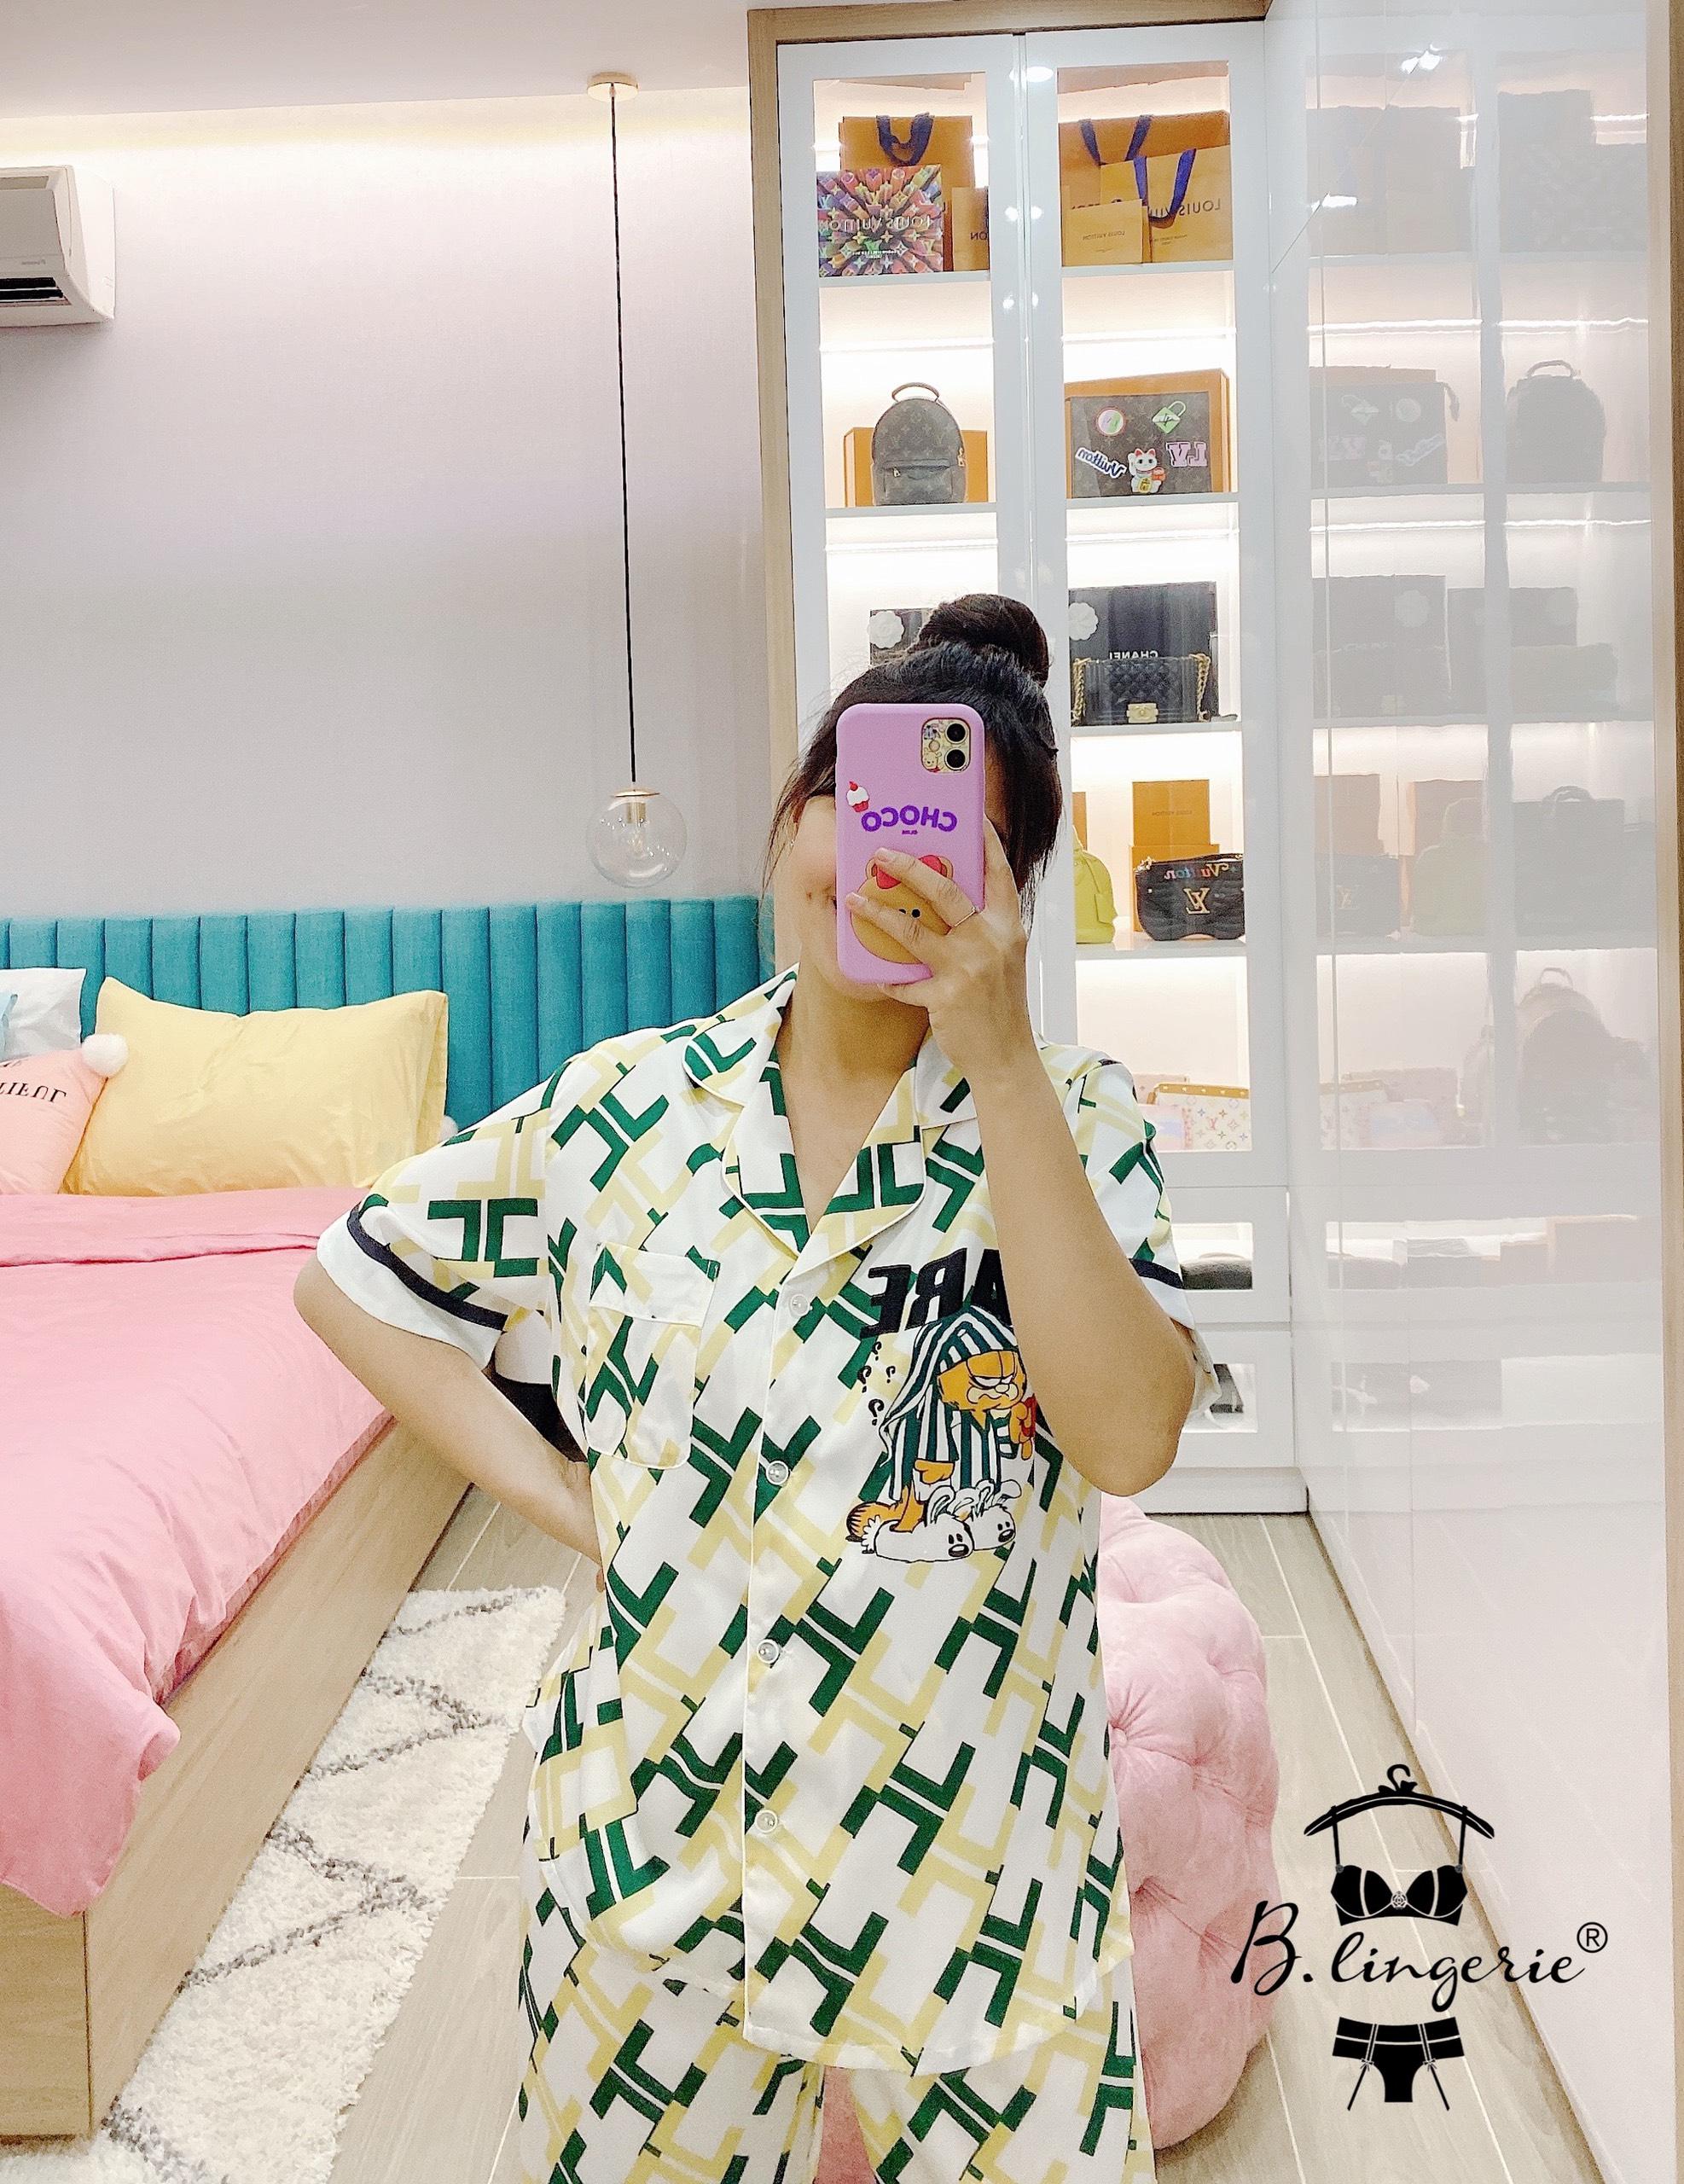 Đồ Ngủ Pyjama Dễ Thương Blingerie